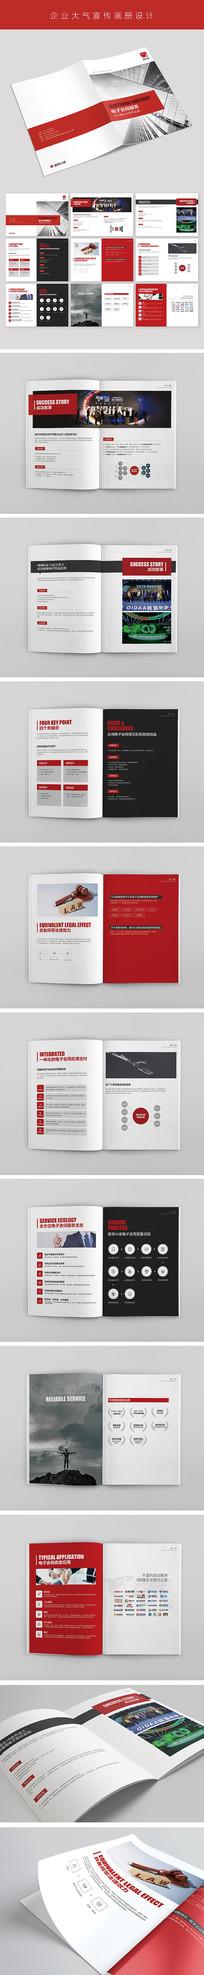 红色大气简约企业画册设计